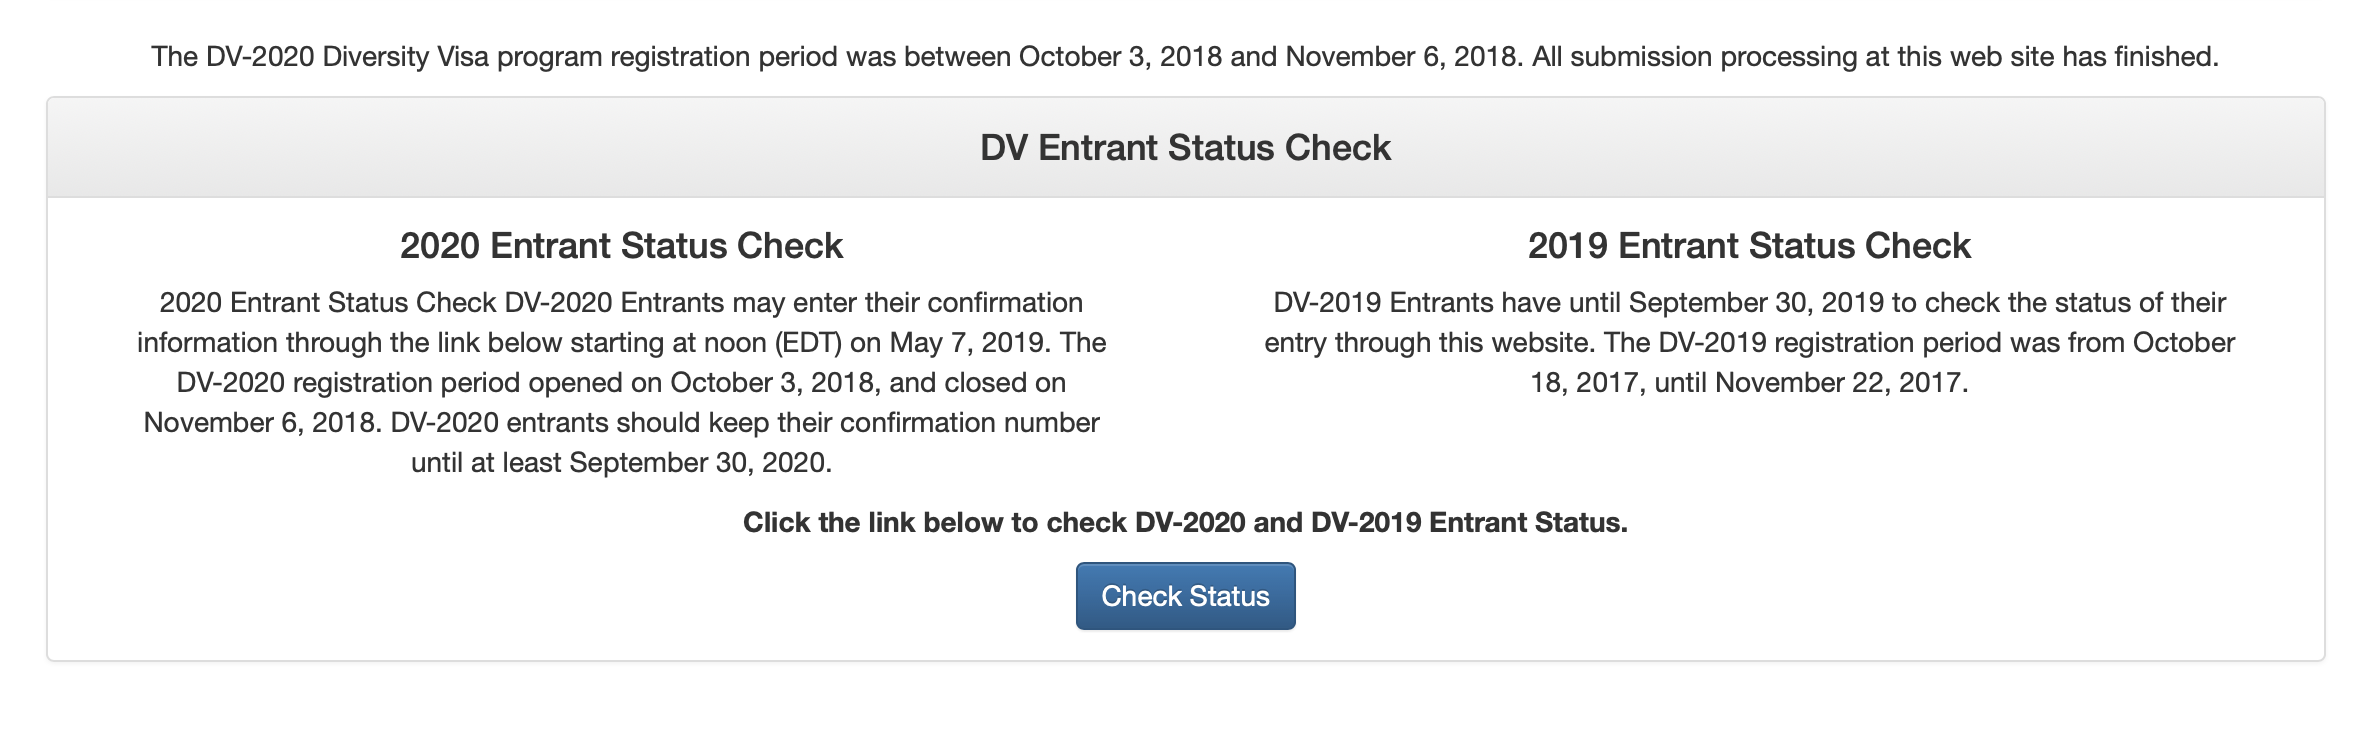 Как самостоятельно подать на лотерею грин карт dv-2022. подробная инструкция.